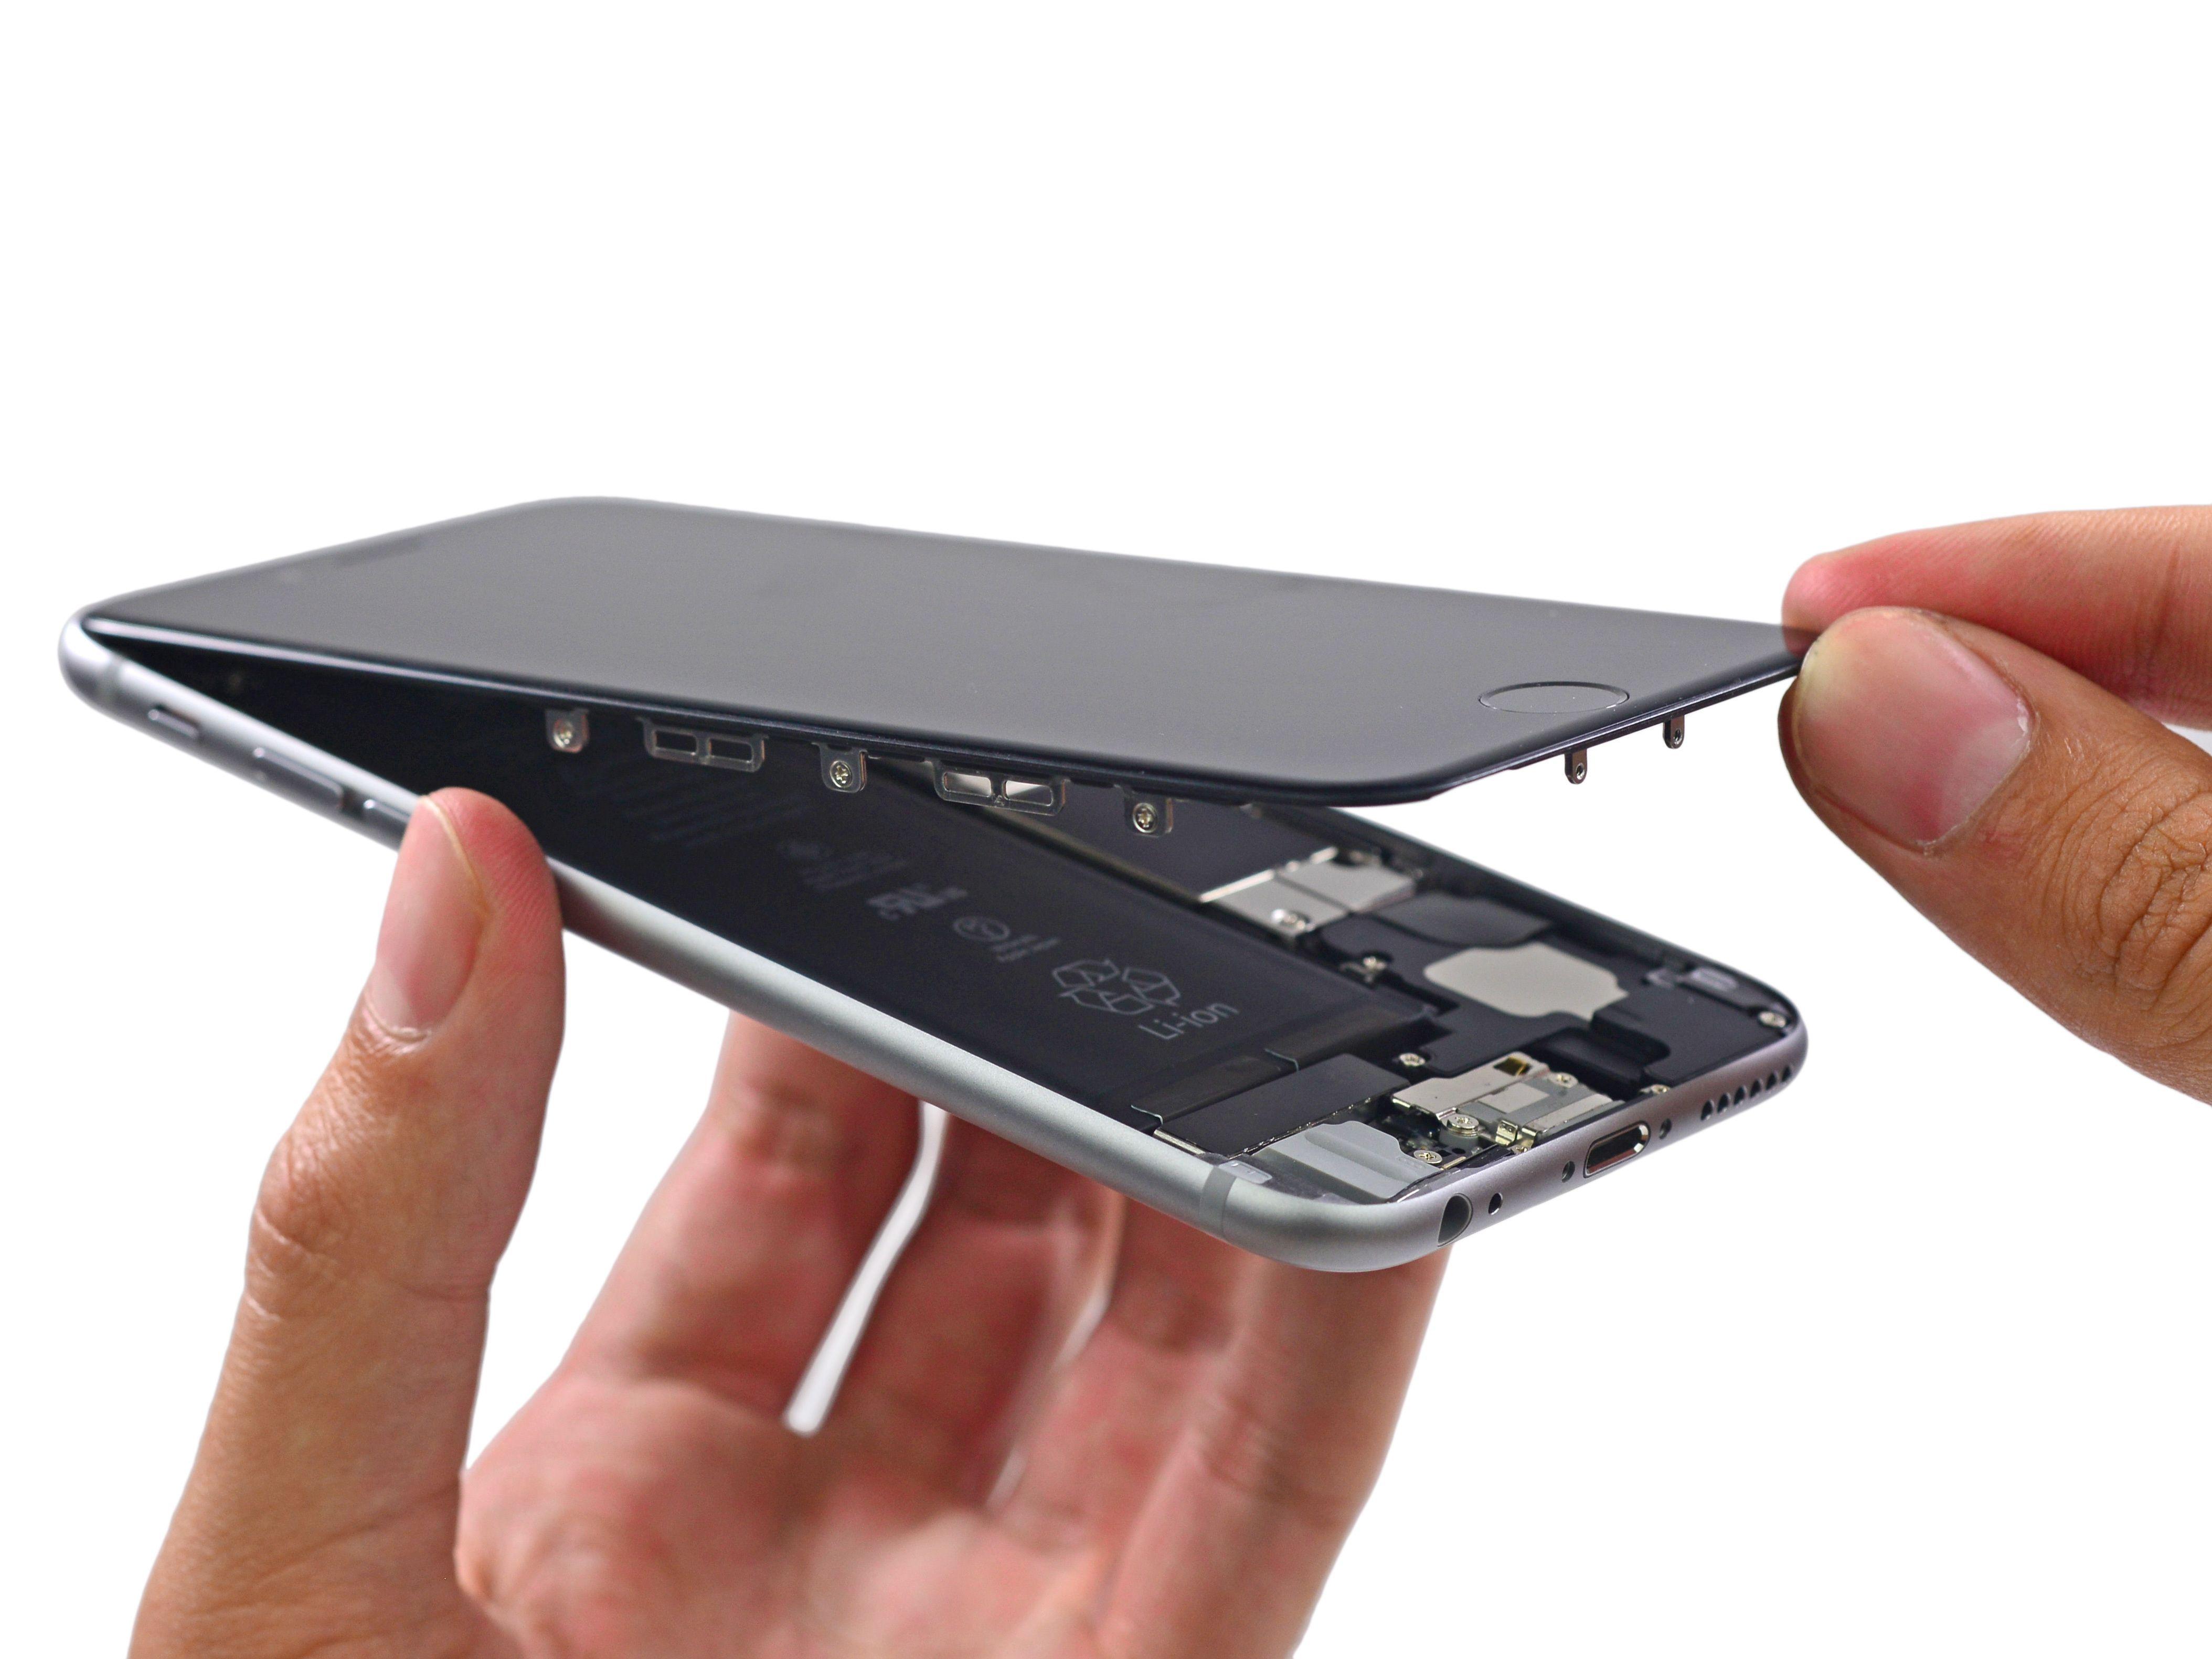 Iphone Modelli Cihazlarin Ekran Yenilənməsi Və Təmiri Kecirdirik Siz Keyfiyyəti Gorəcəksiz Yeni Ipone An Fərgini Hiss Etməyəcə Apple Iphone 6 Iphone 6 Iphone